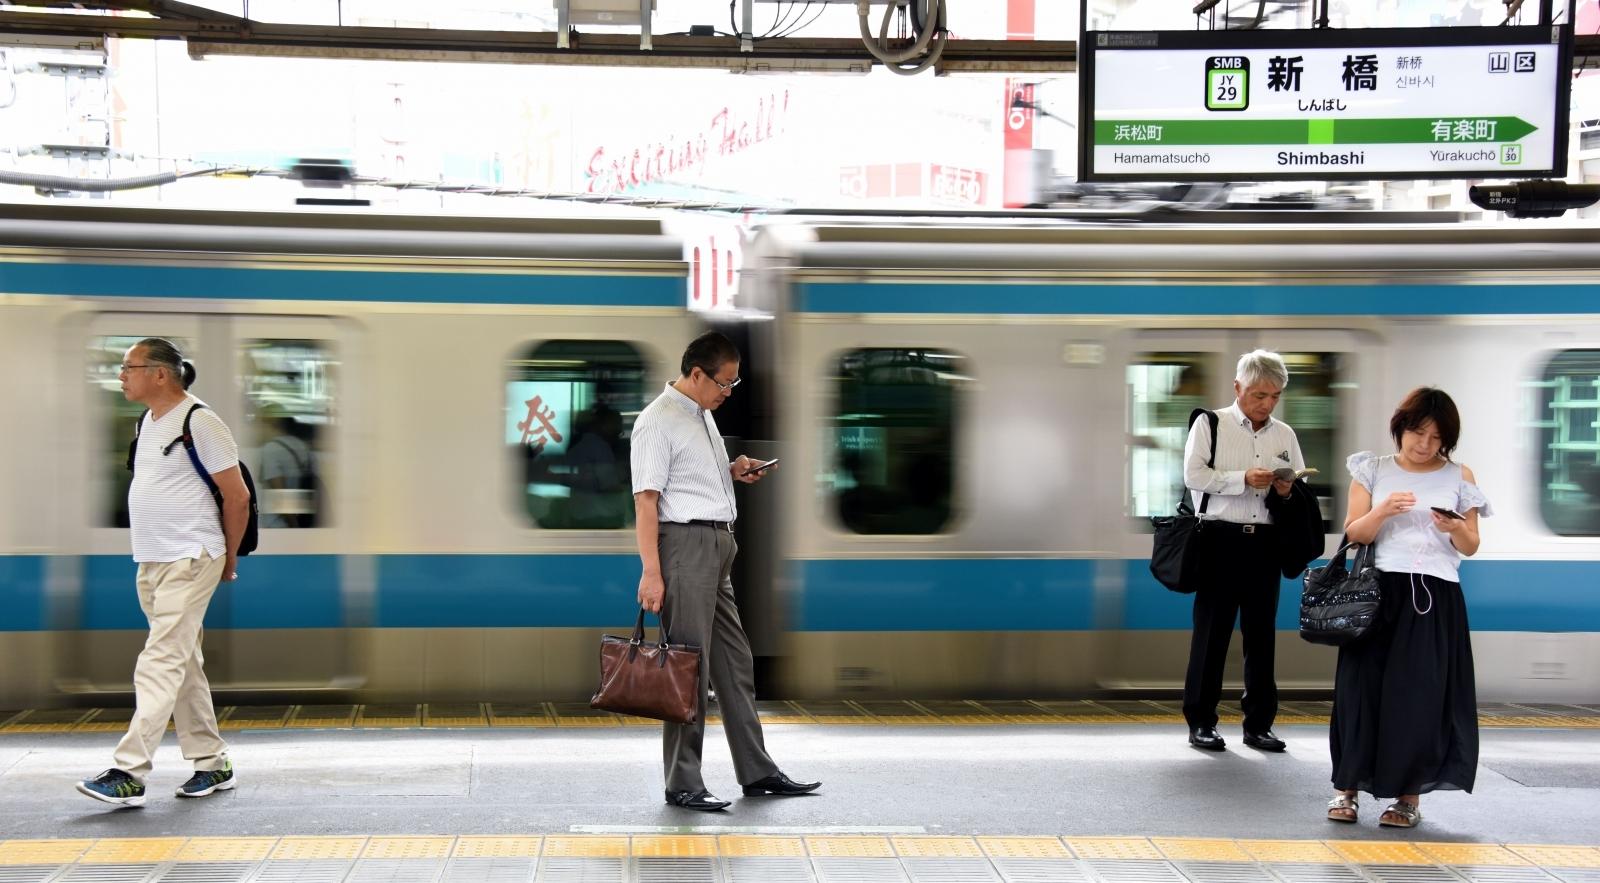 People using smartphones on Japanese train platform